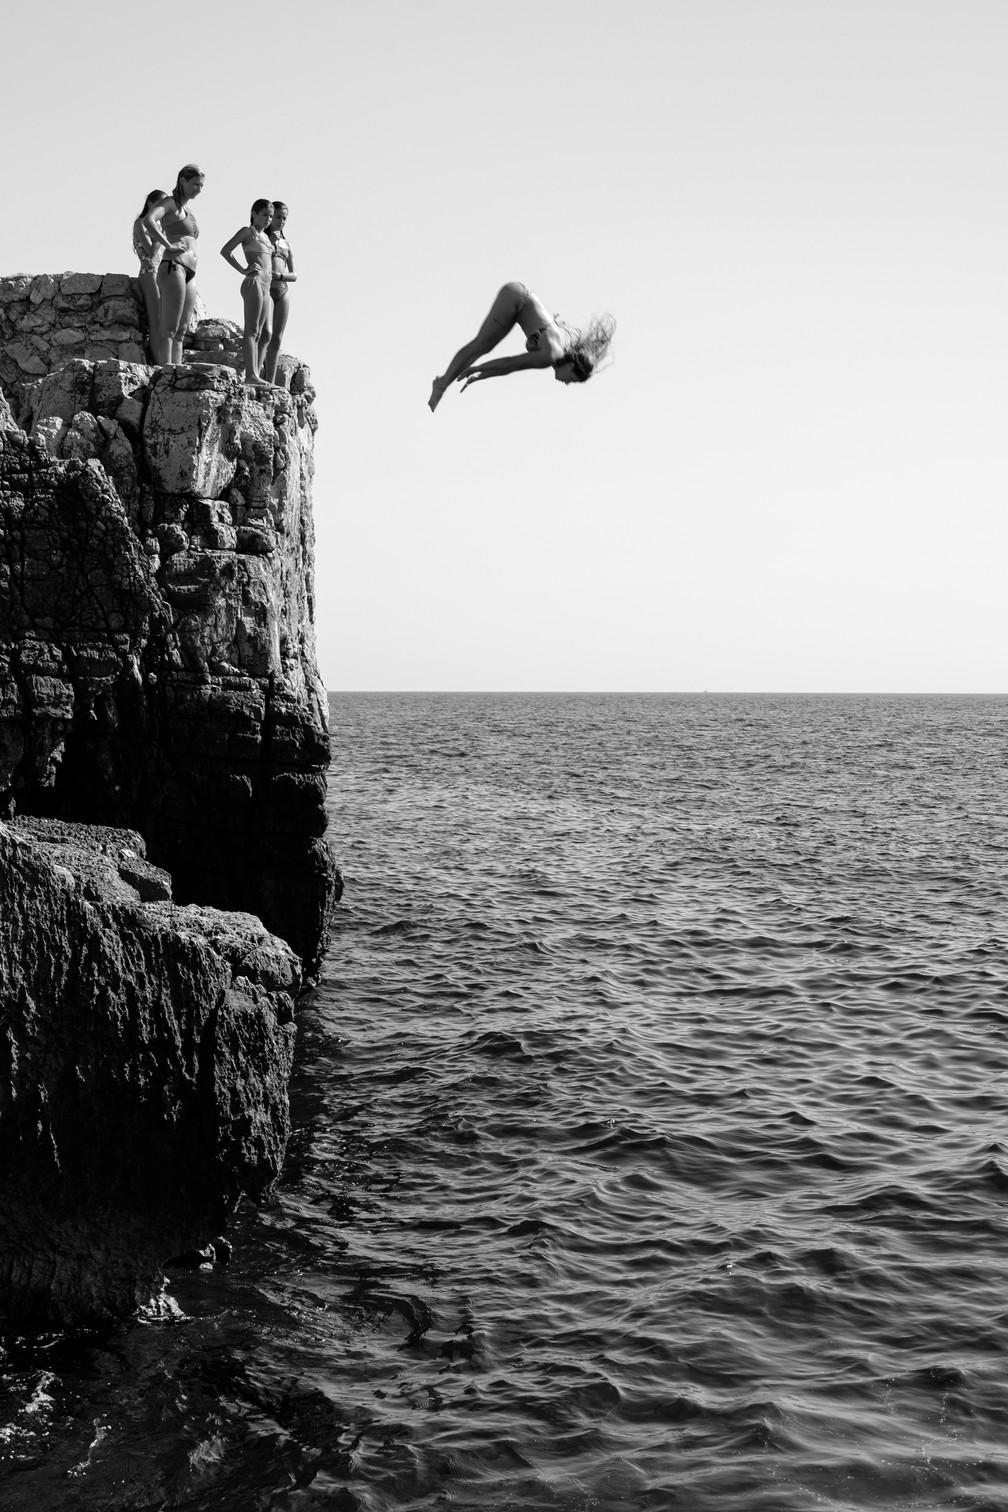 Movimento: 'Girl Power', fotografia em preto e branco que registra o momento em que uma mulher salta de penhasco na ilha de Lokrum, perto de Dubrovnik, na Croácia — Foto: Marijo Maduna (Croácia)/Sony World Photography Awards